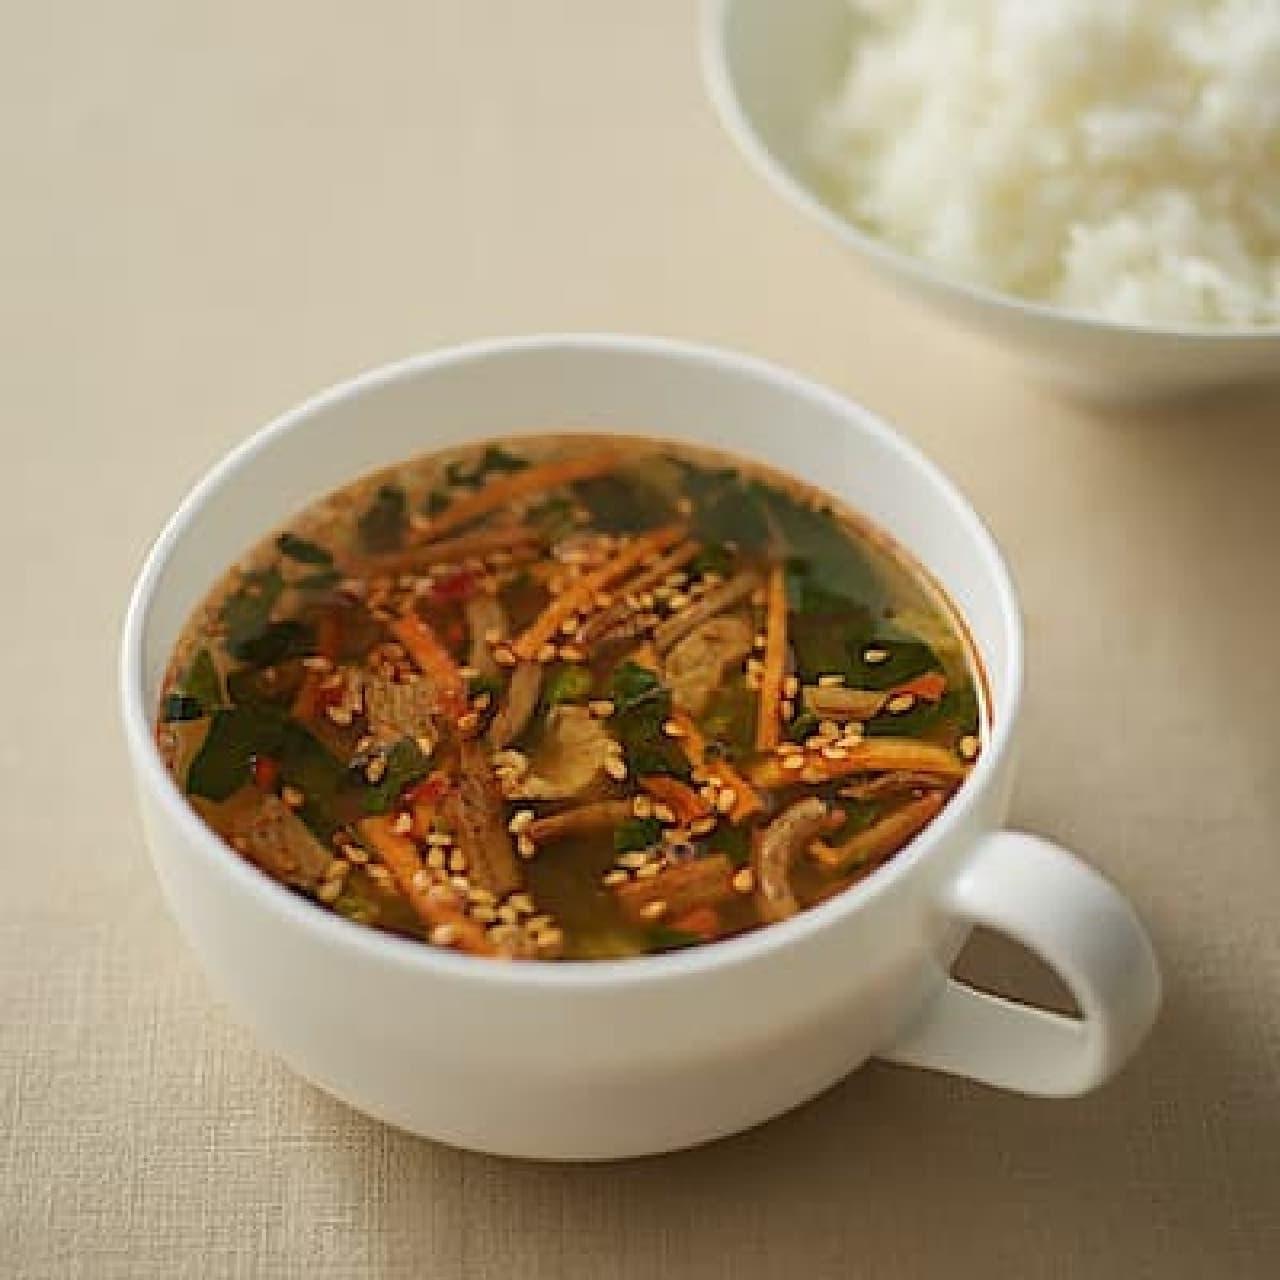 無印良品「食べるスープ ユッケジャンスープ」